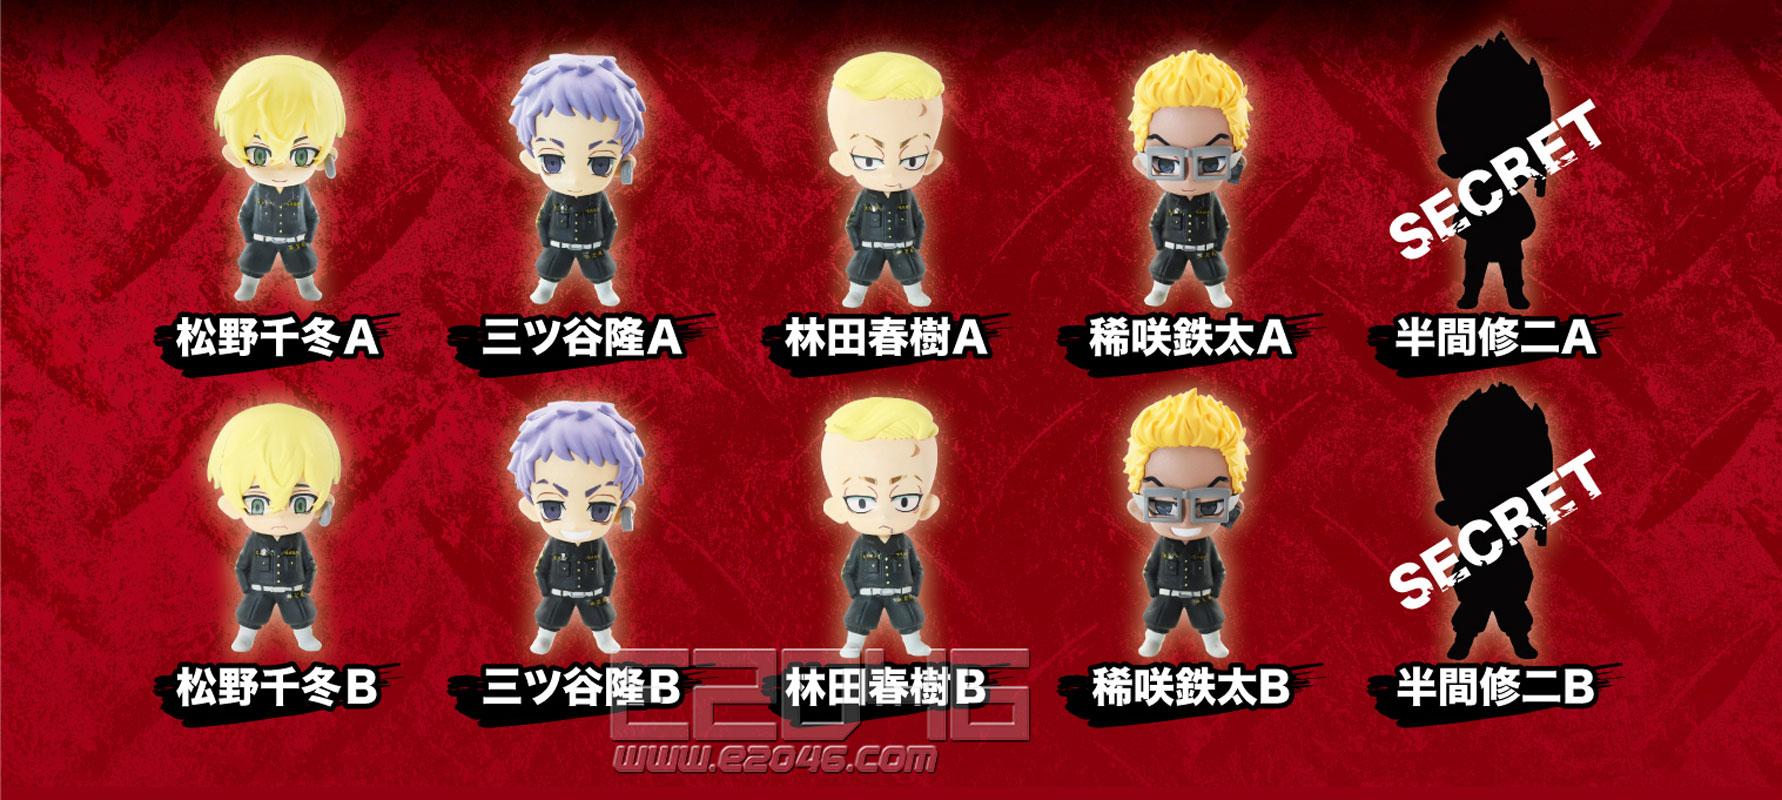 Tokyo Revengers Blind Mini Figure 2